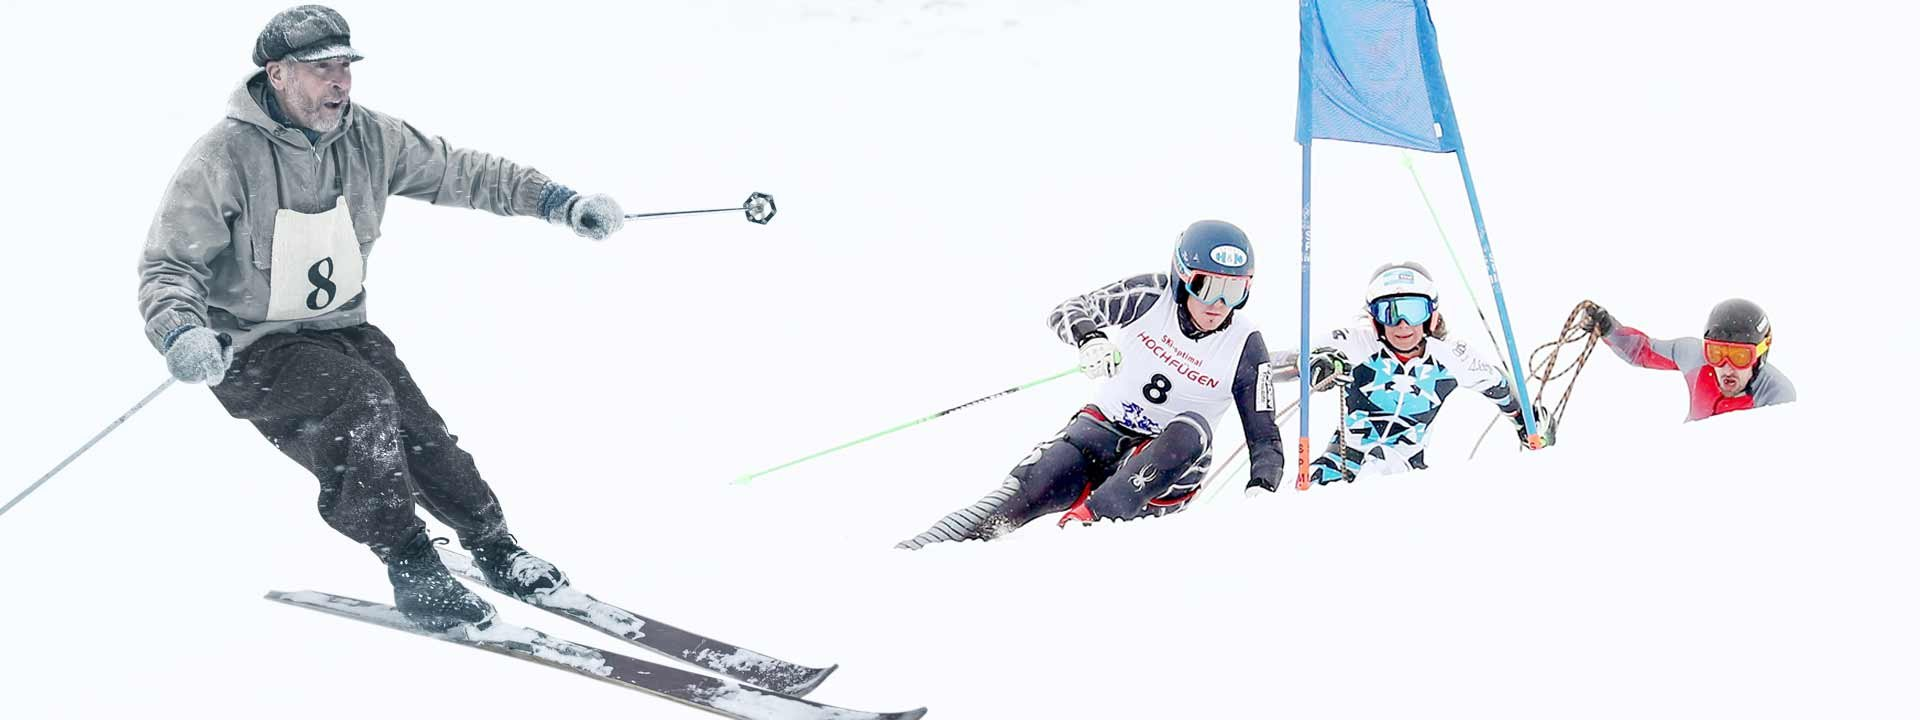 Seilrennen Skiurlaub Tradition Winter Hochfügen Skifahren Tirol